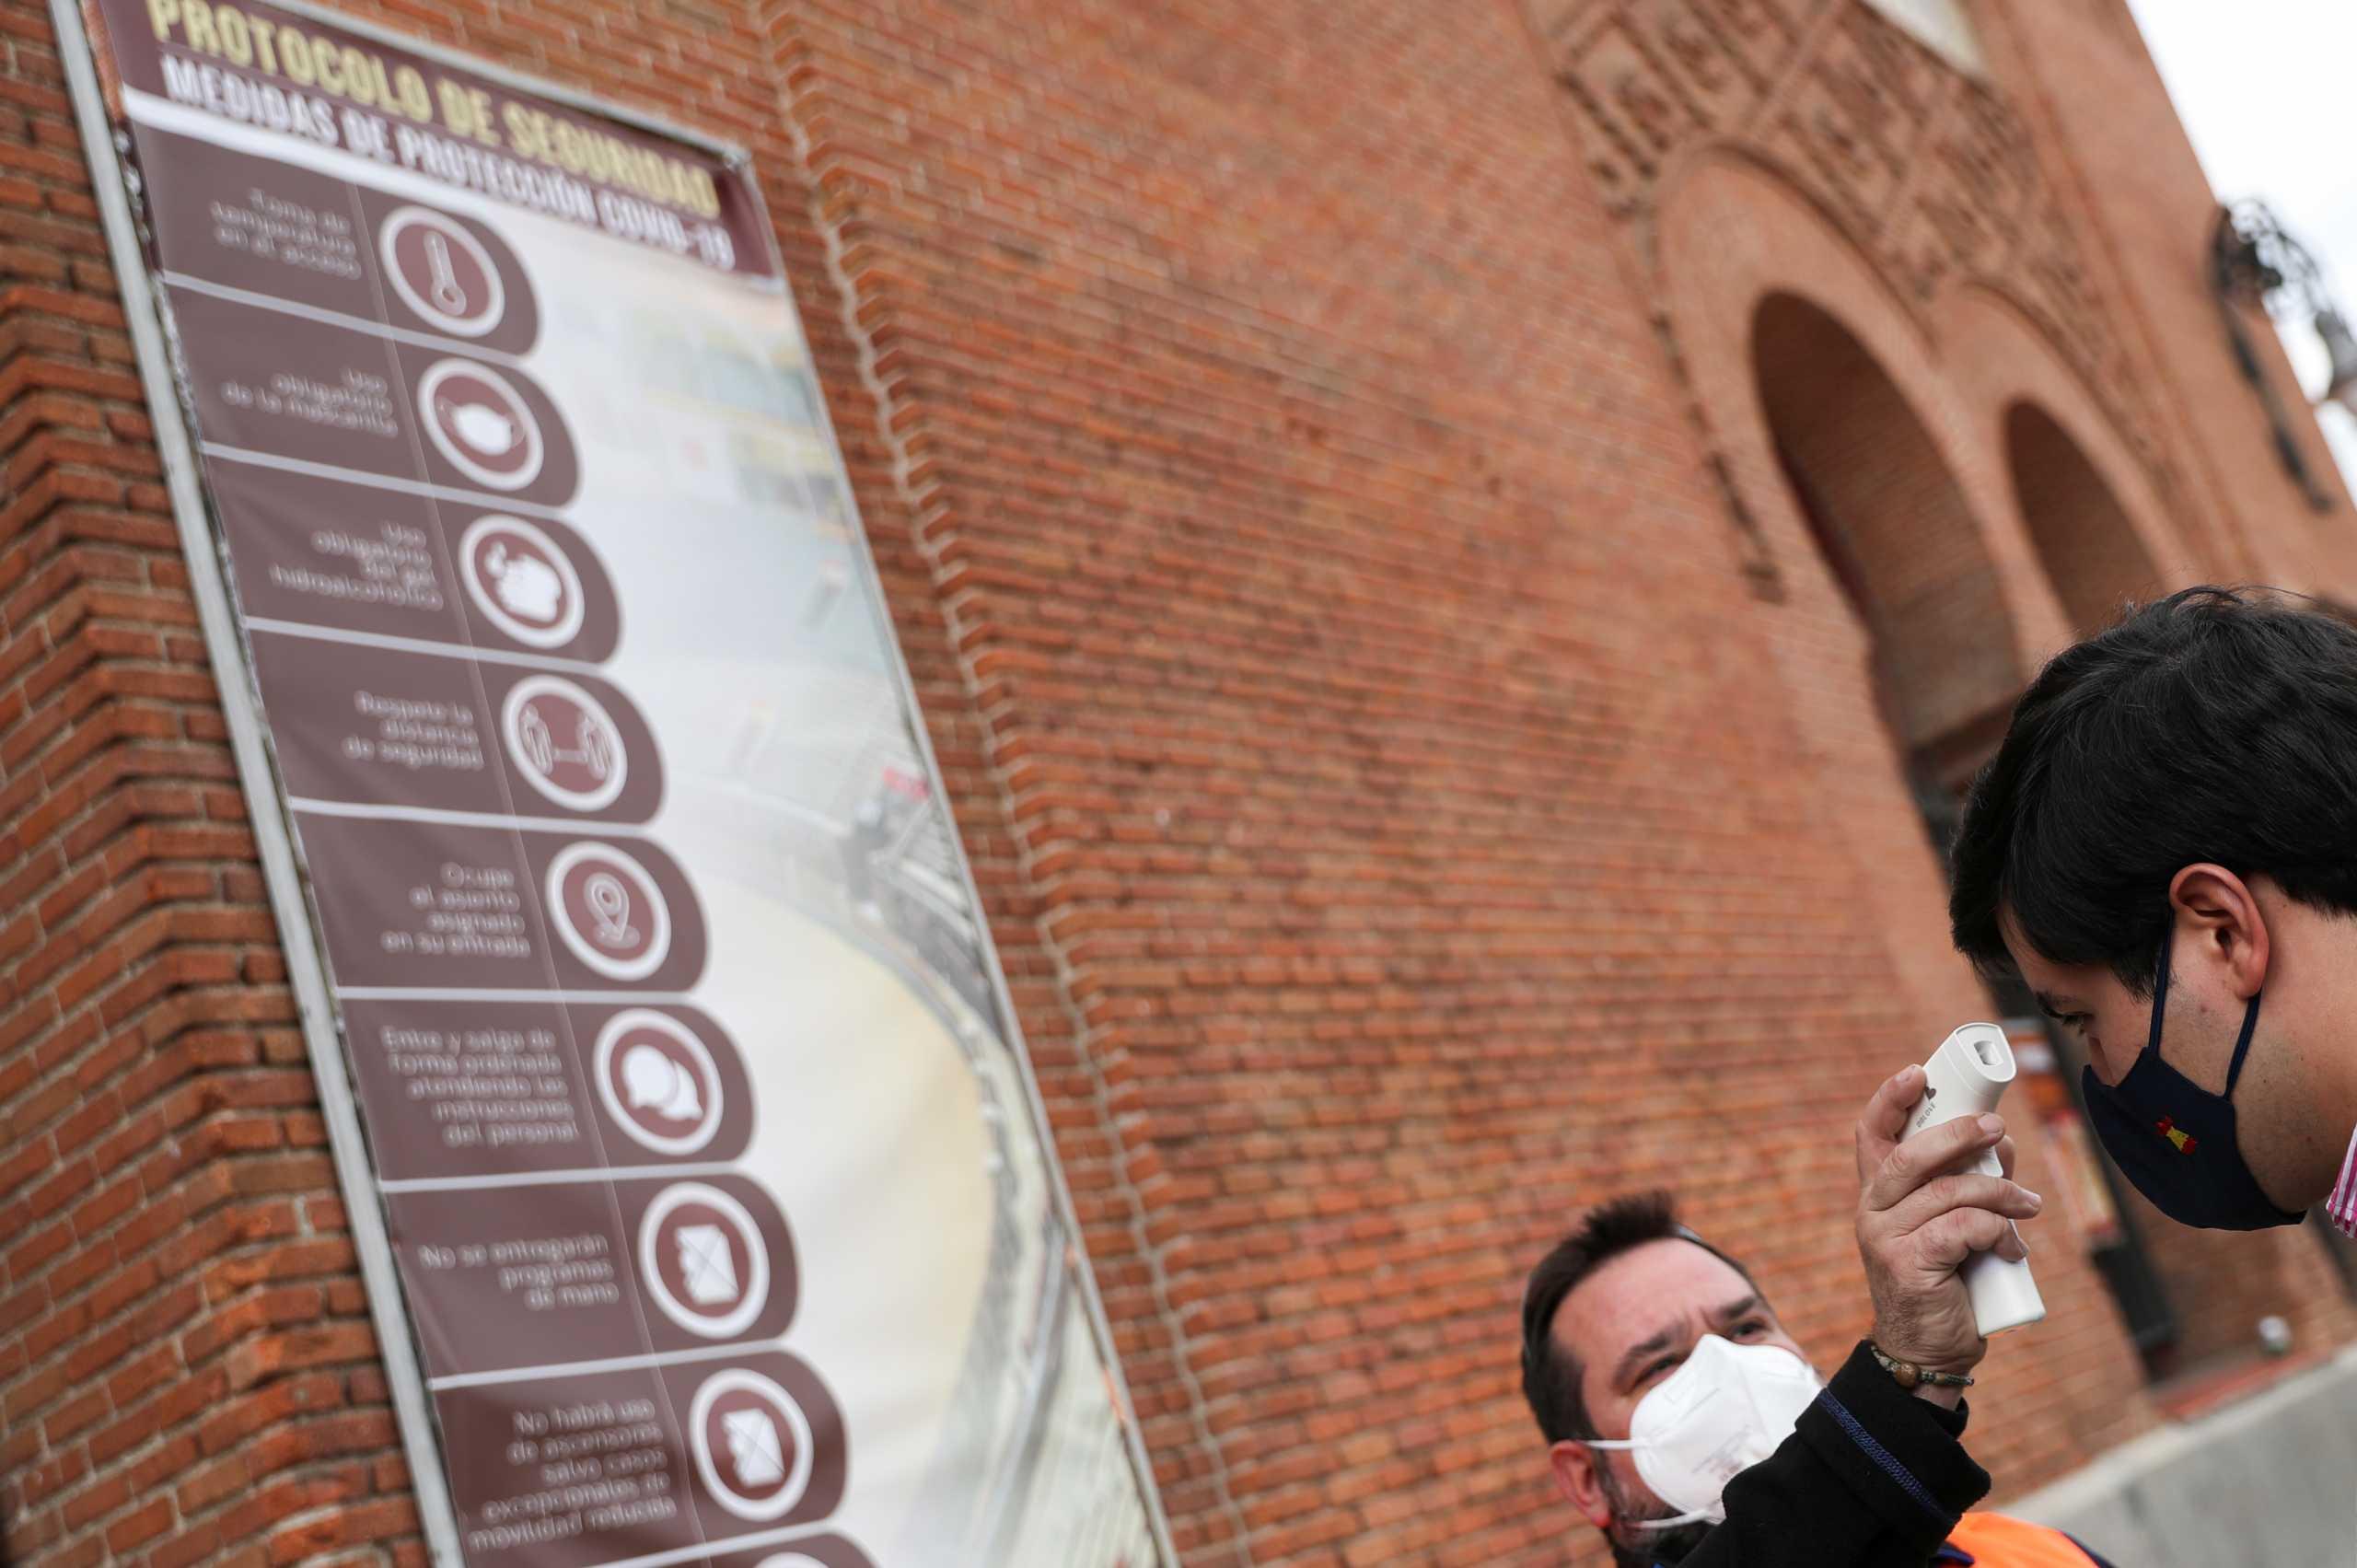 Κορονοϊός: Ανησυχία για την εξάπλωση της ινδικής μετάλλαξης στην Ευρώπη